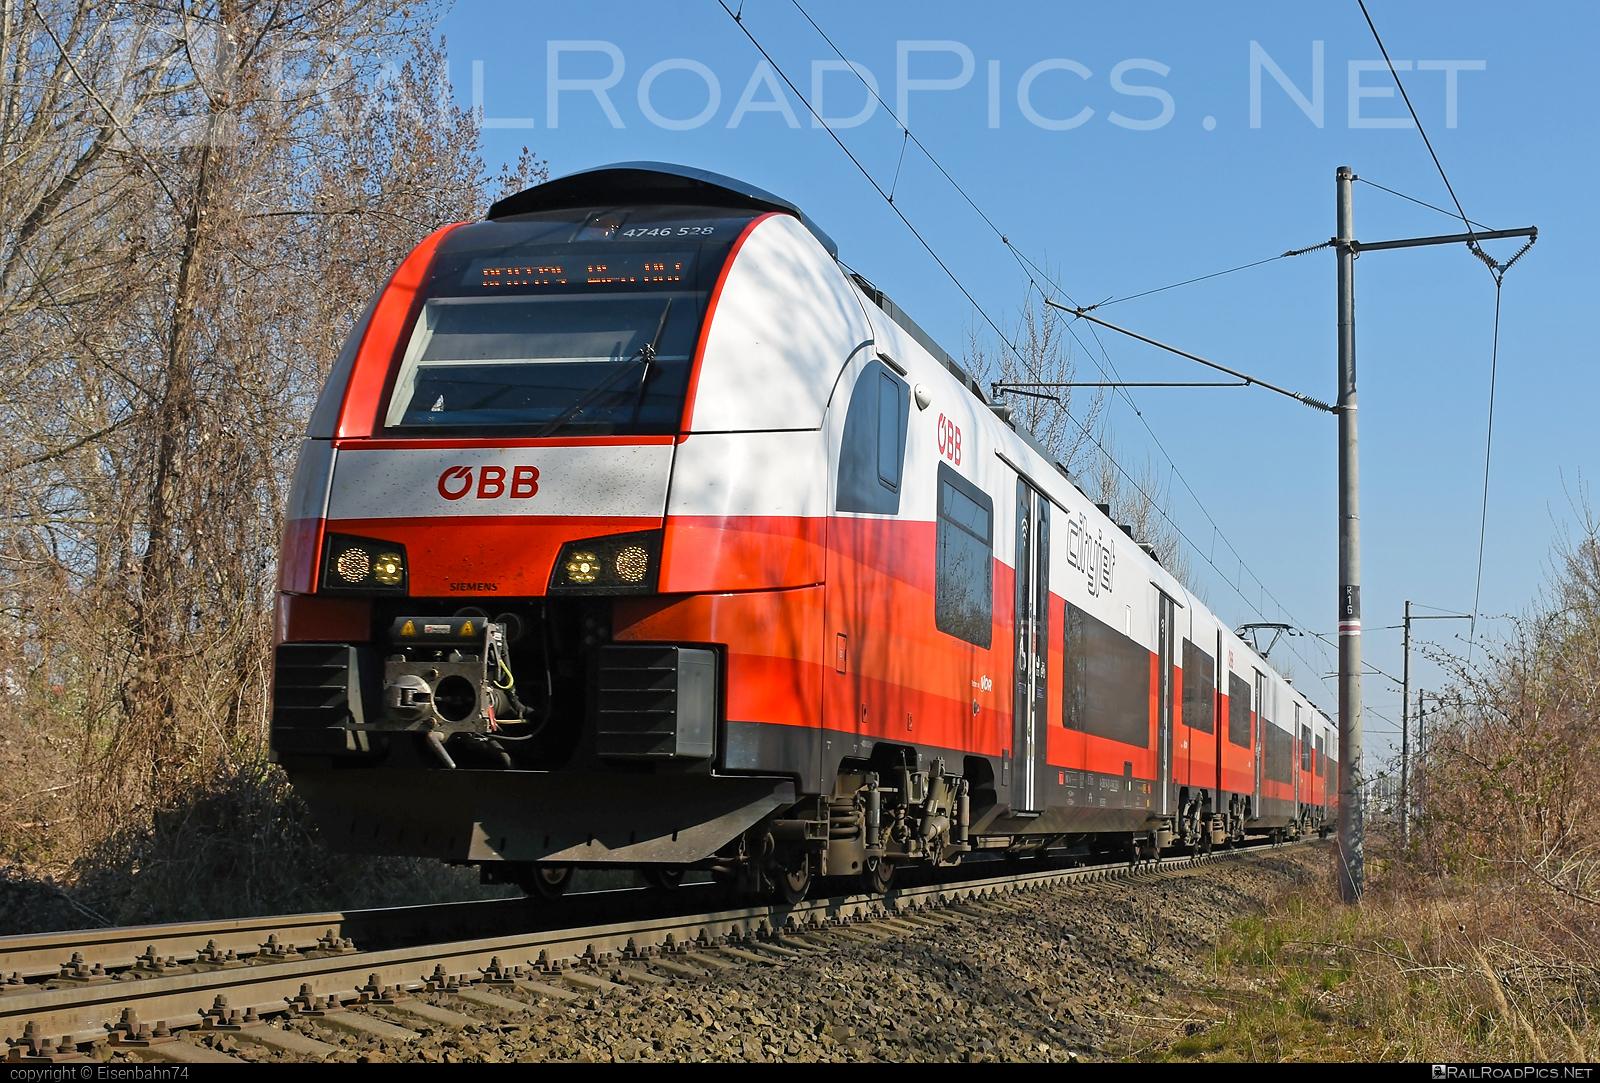 Siemens Desiro ML - 4746 528 operated by Österreichische Bundesbahnen #cityjet #desiro #desiroml #obb #obbcityjet #osterreichischebundesbahnen #siemens #siemensdesiro #siemensdesiroml